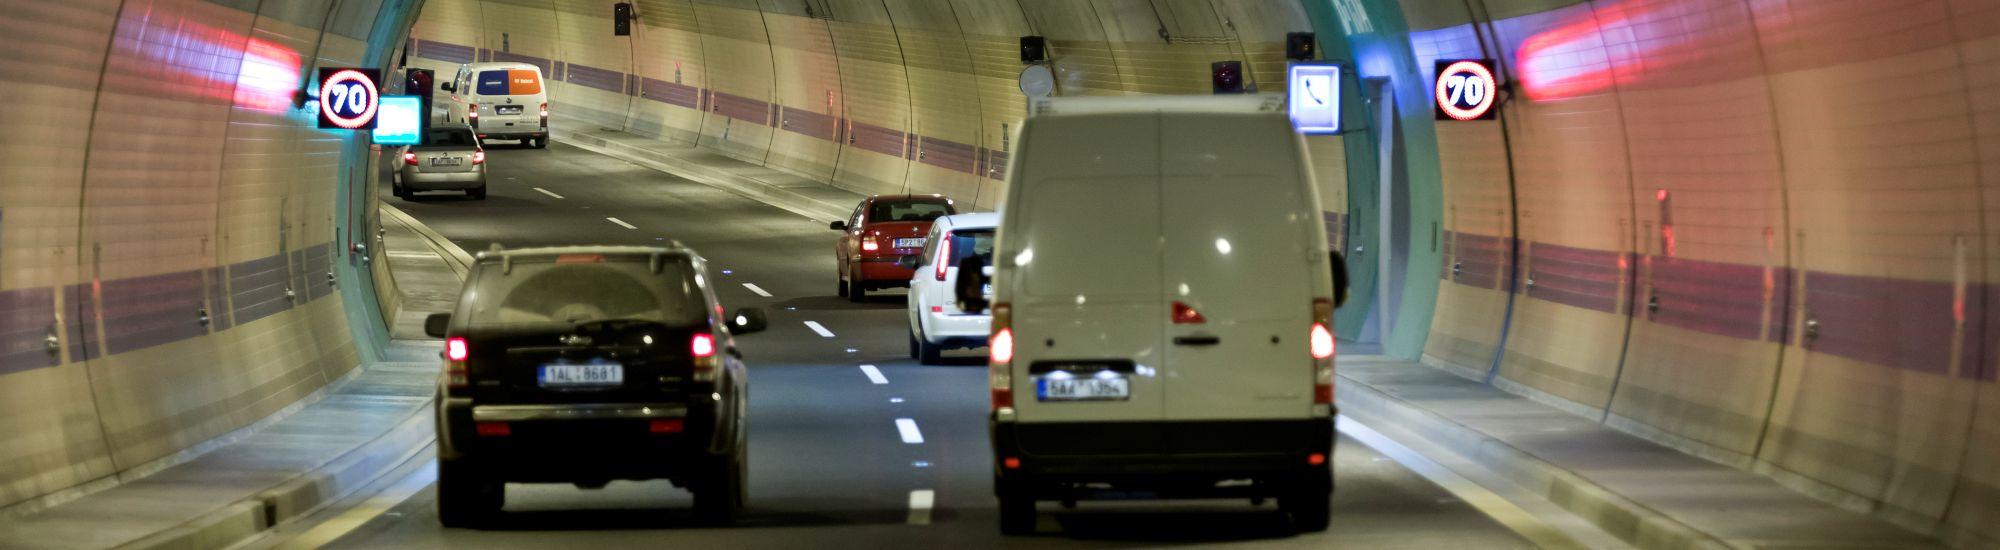 Skladba dopravního proudu v TKB